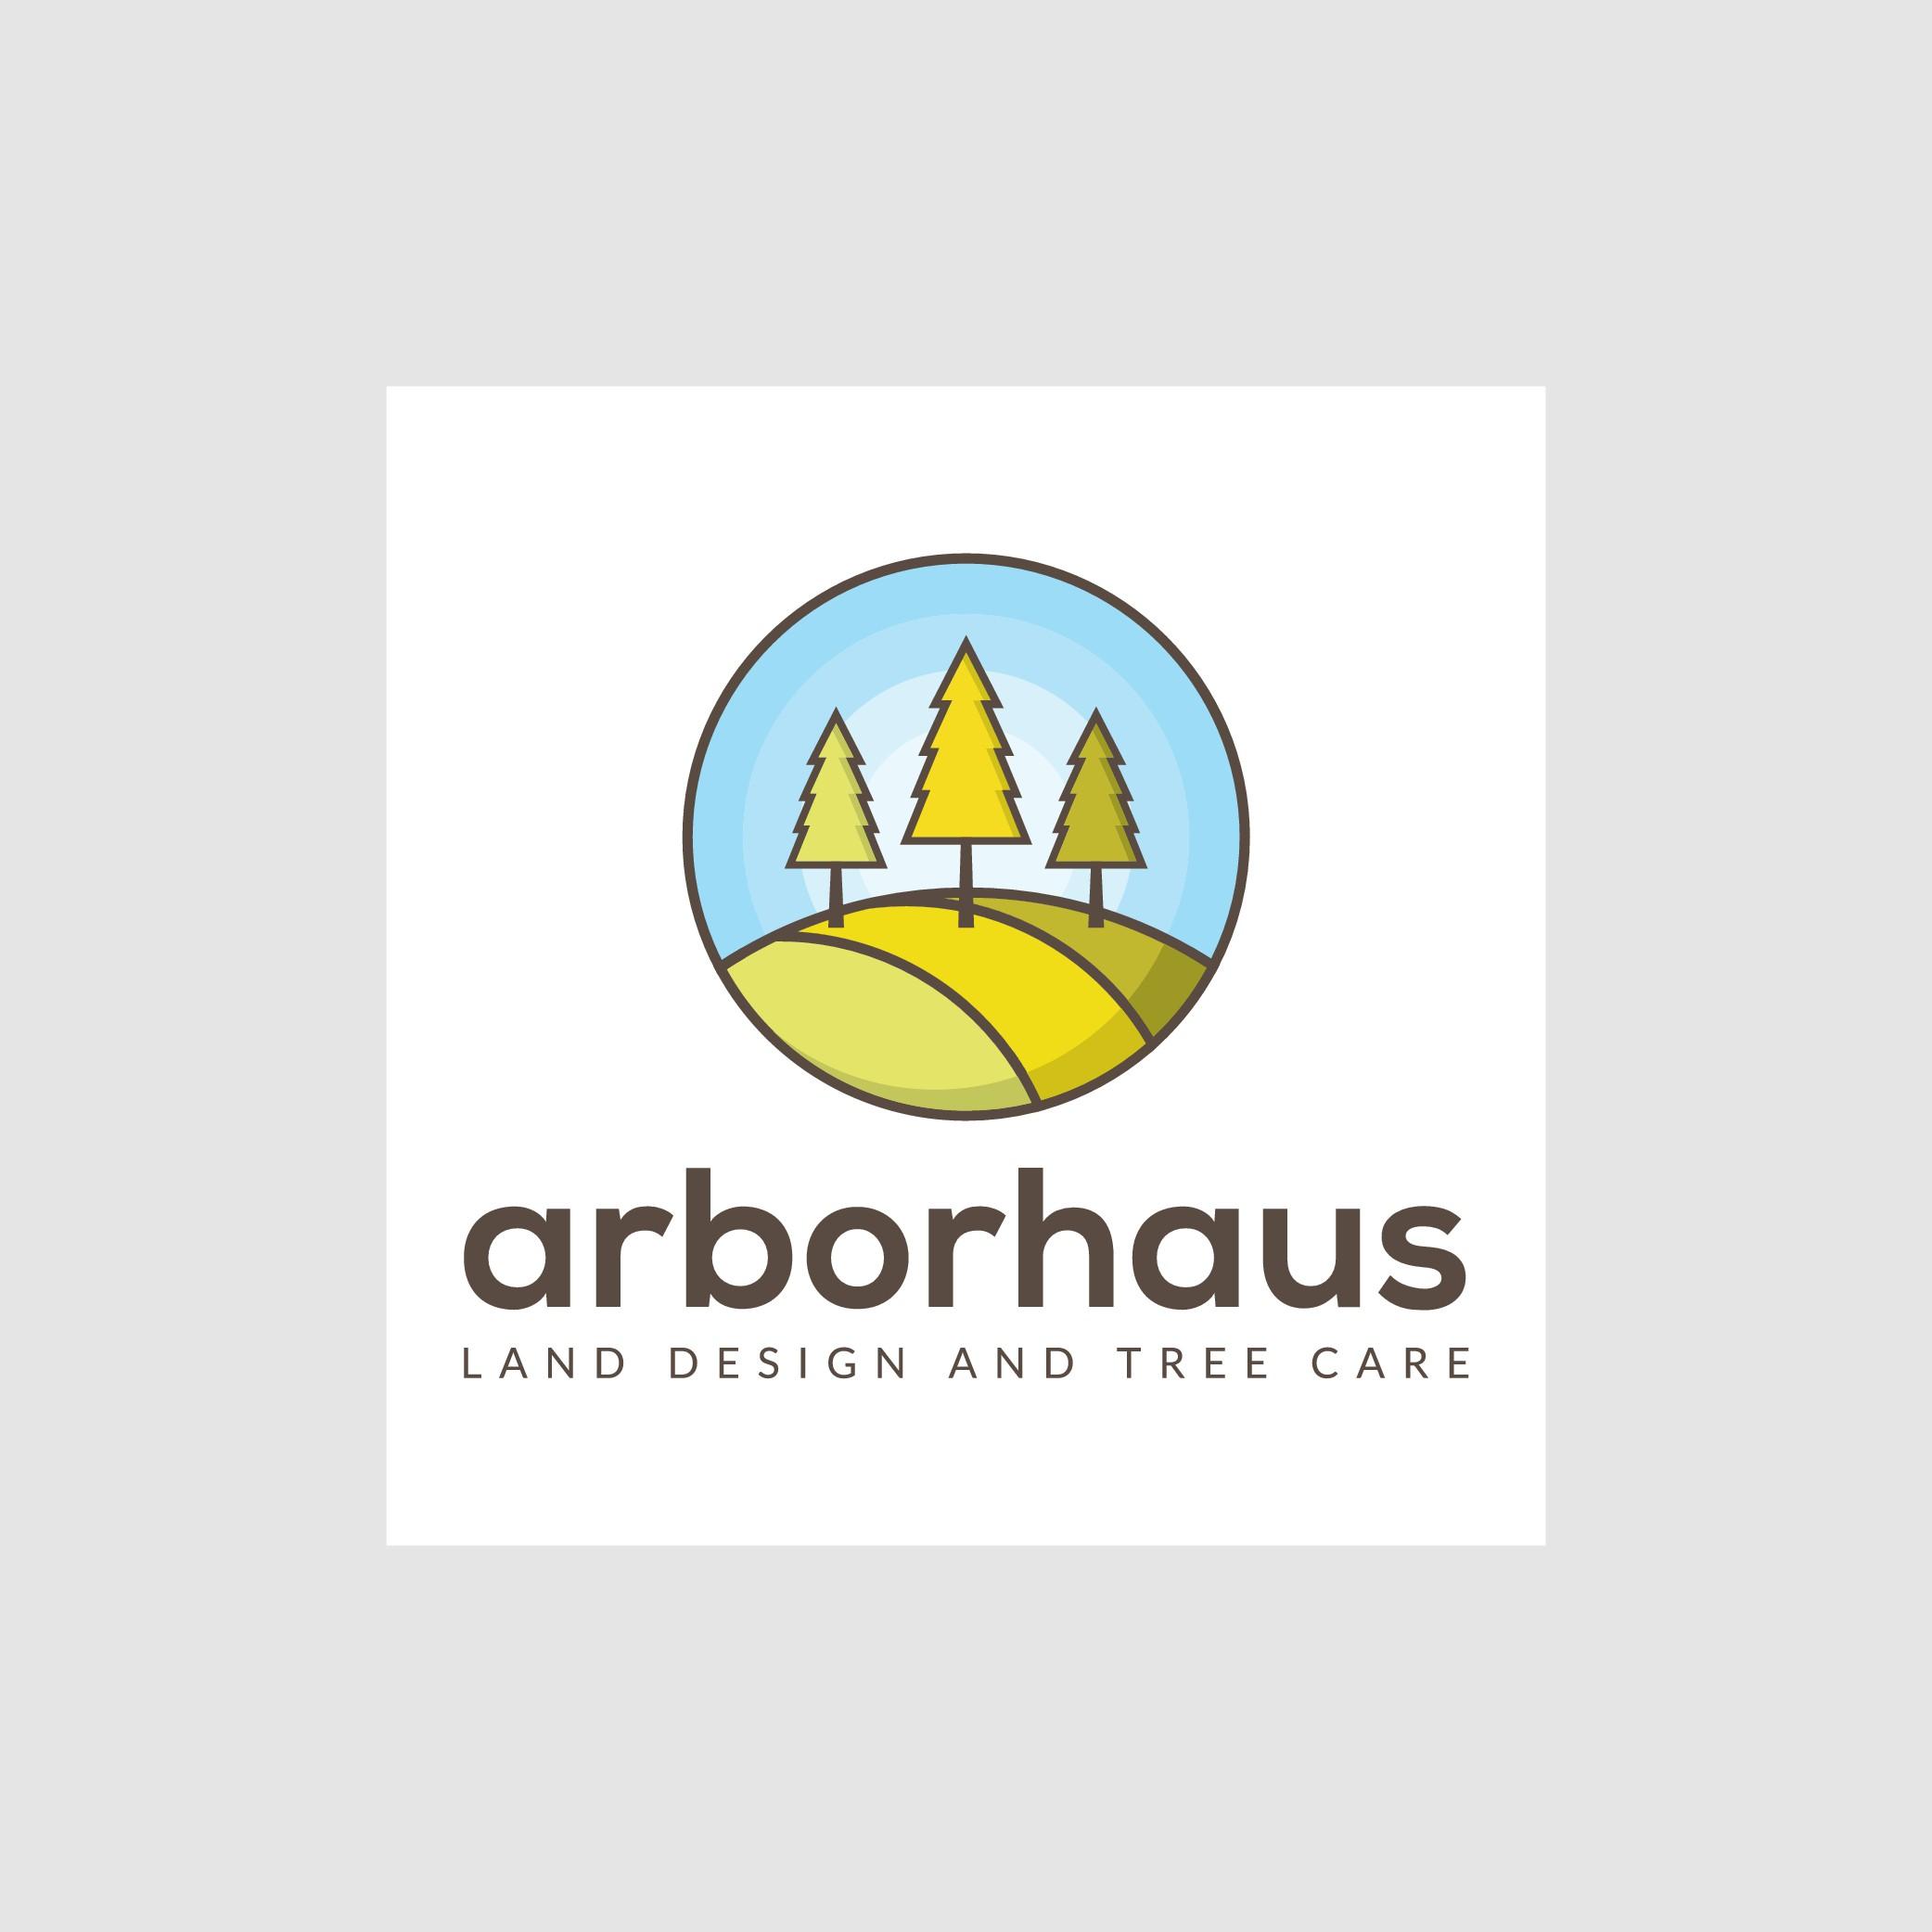 Arborhaus habitat enhancement